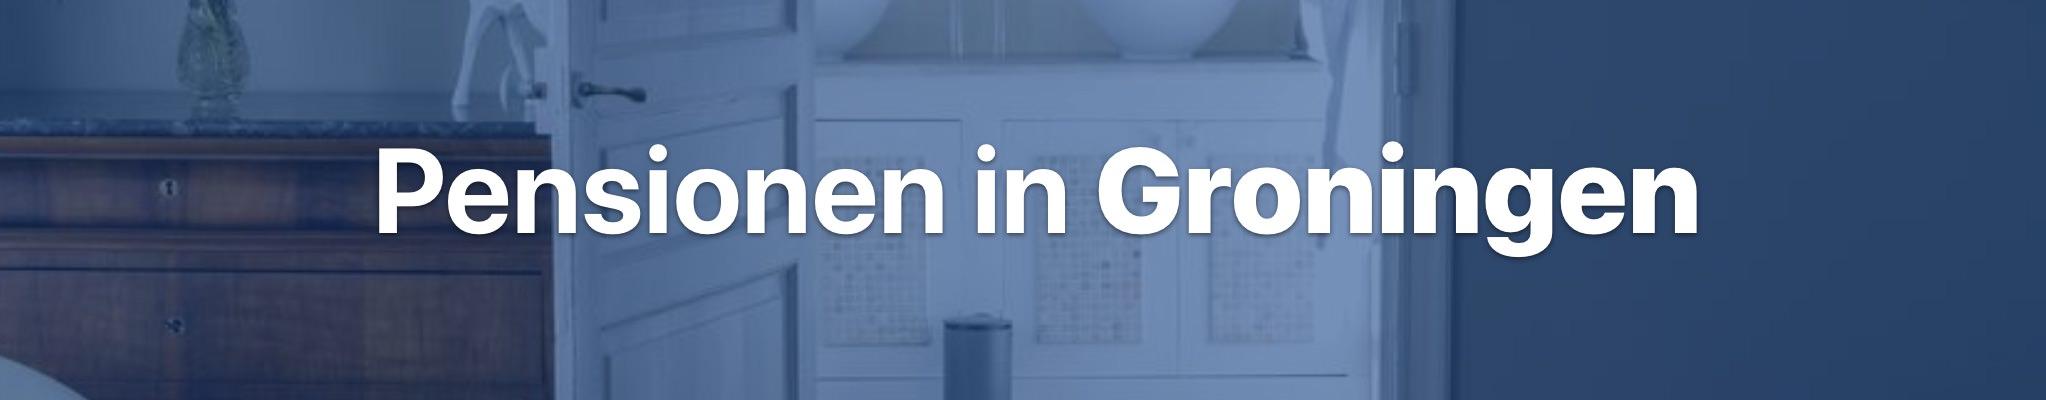 Groningen - Bookings.com - Pensionen